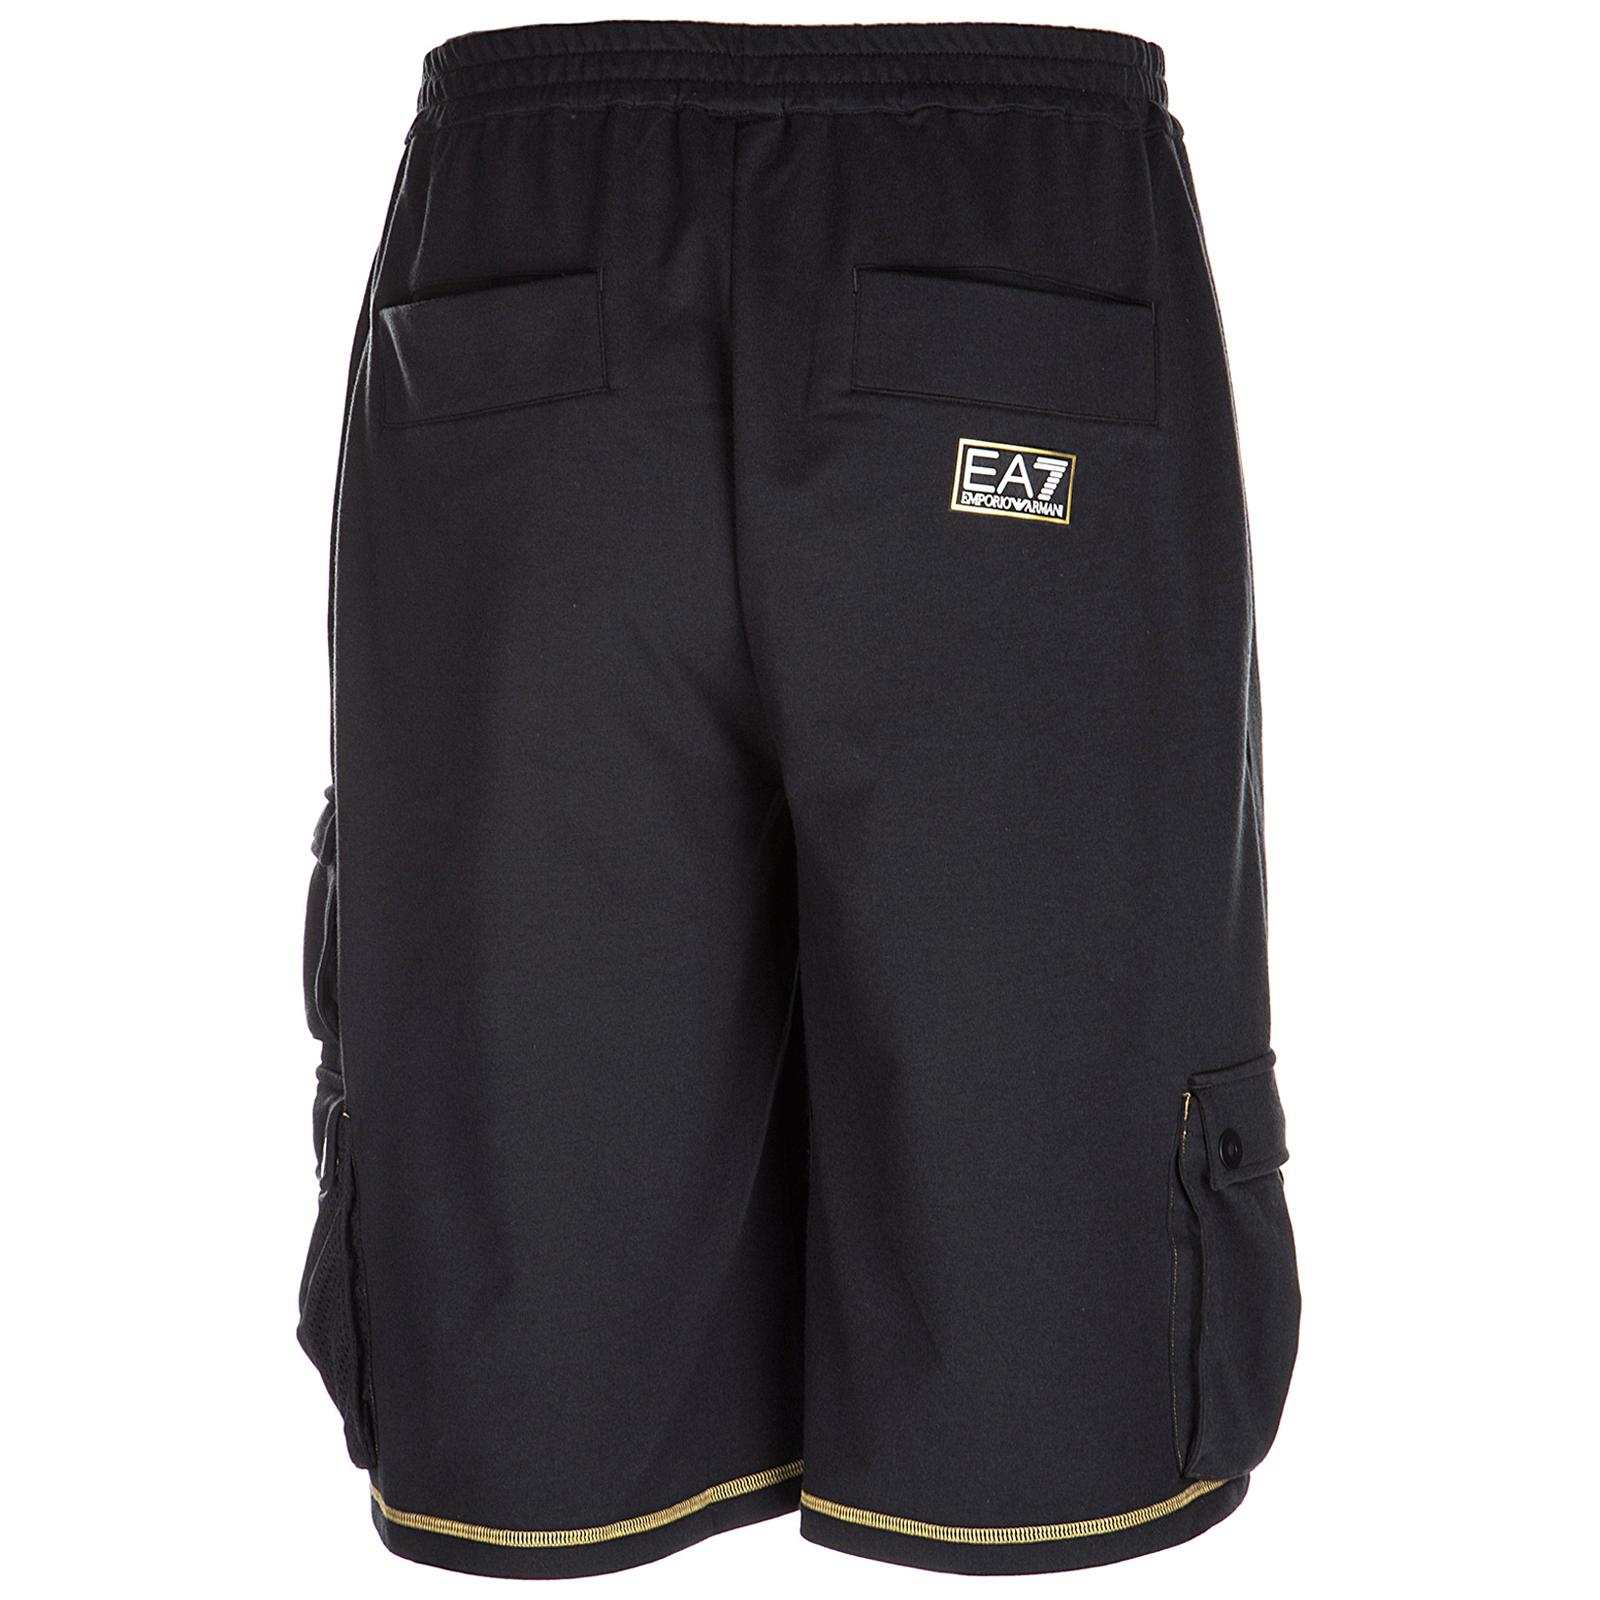 Men's shorts kurz bermuda